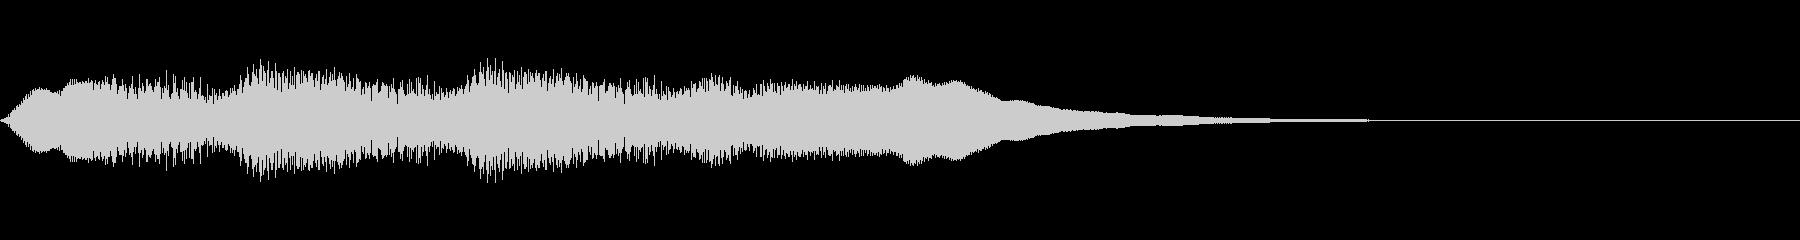 大当たりのファンファーレの未再生の波形